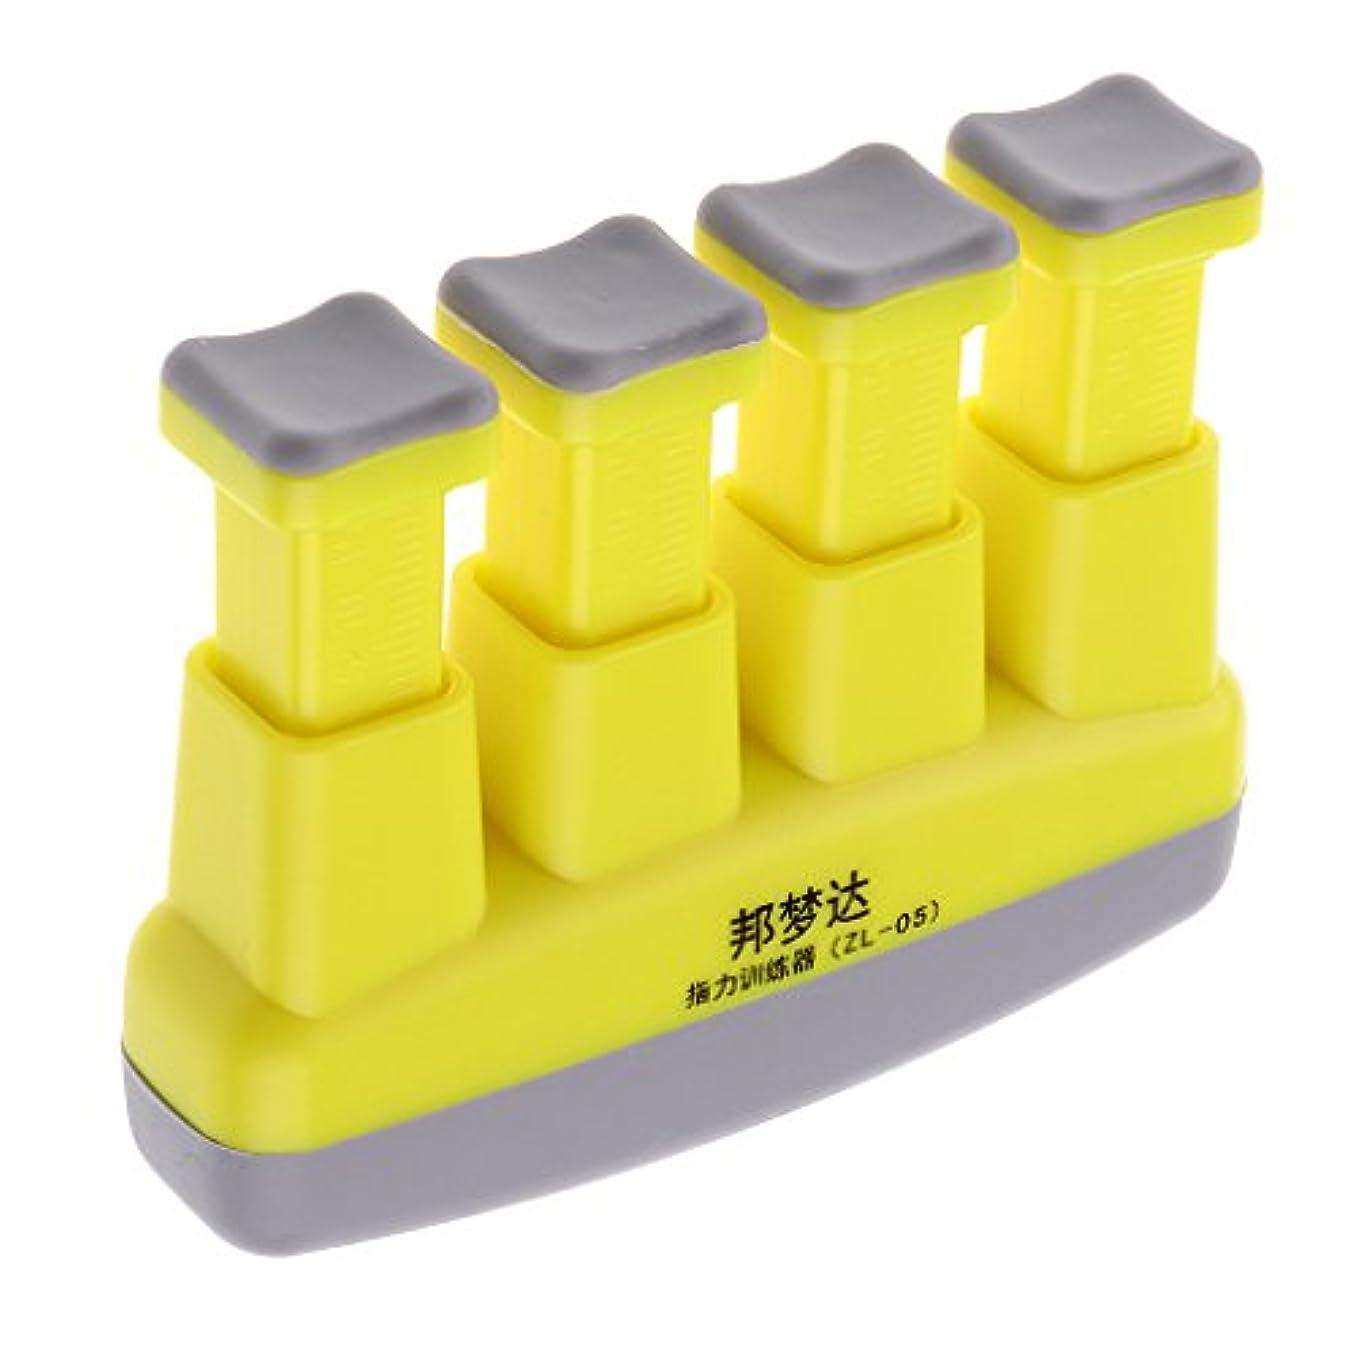 やけどクリーク挨拶ハンドグリップ エクササイザ 4-6ポンド 調節可 ハンド 手首 腕 グリップ グリッパー 黄色 ABS +シリコン